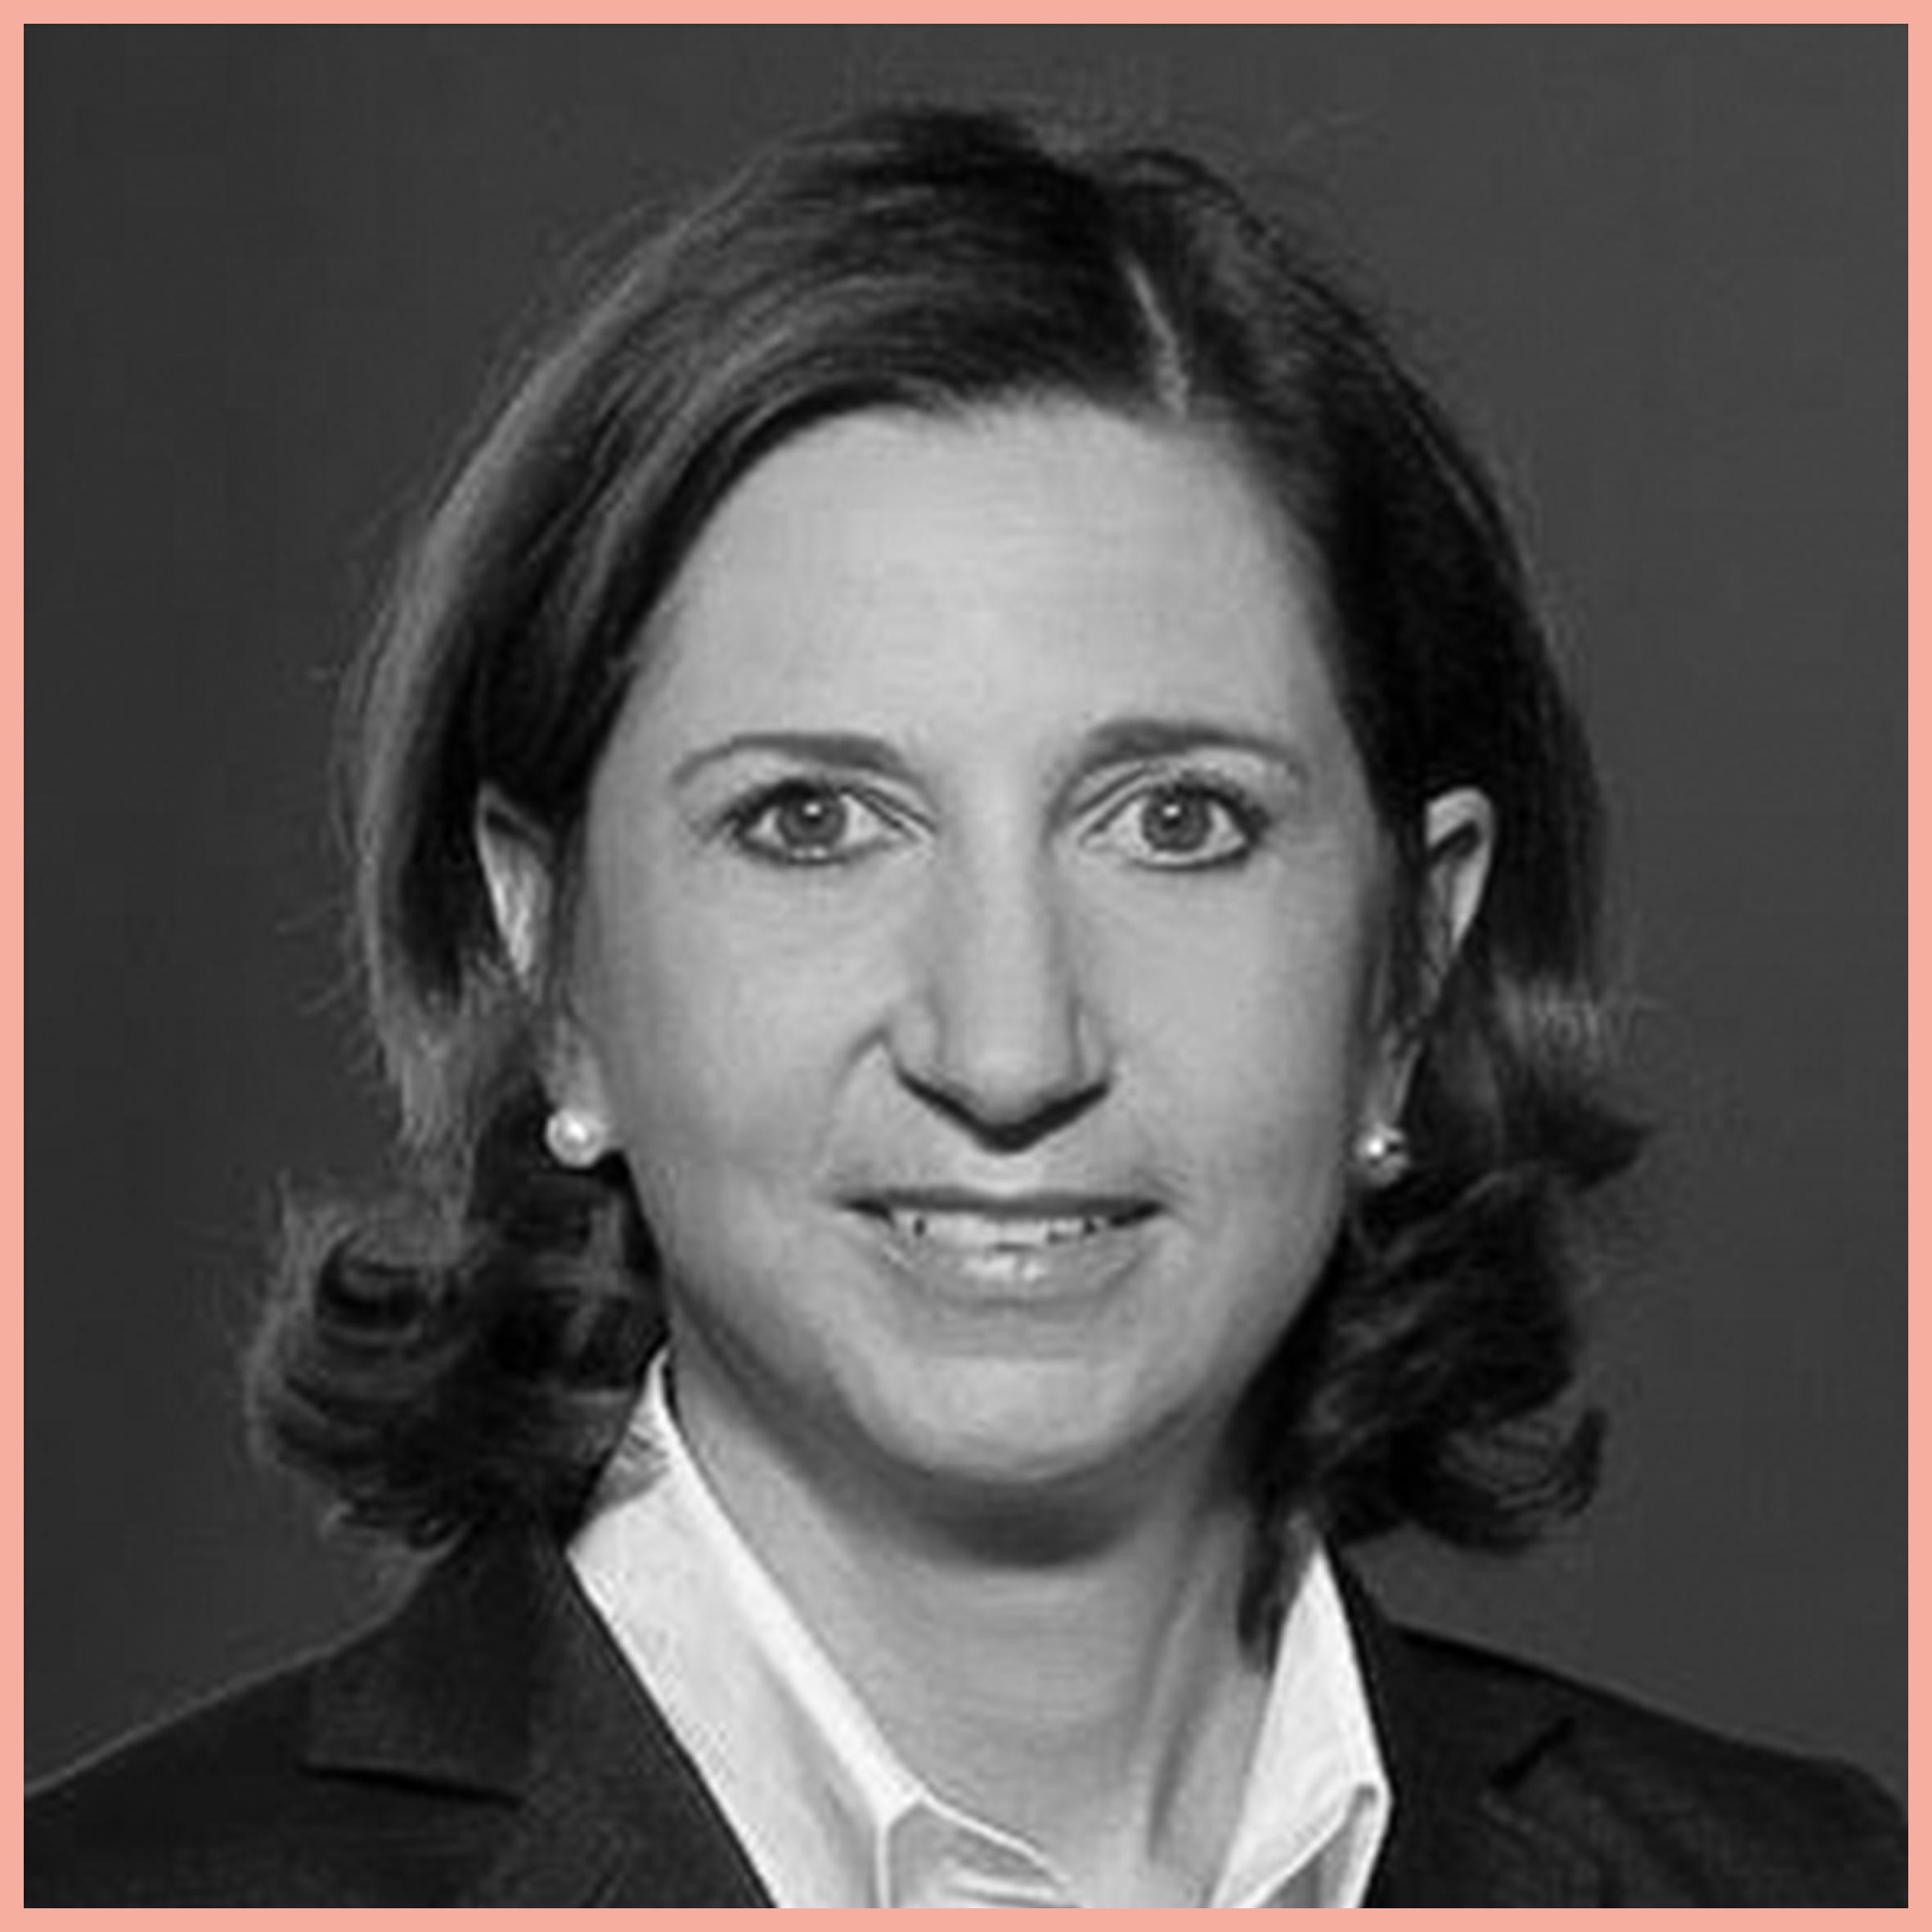 Margret Suckale - Aufsichtsrätin und Fördermitglied des Bundesverbandes der Deutschen Start-Ups